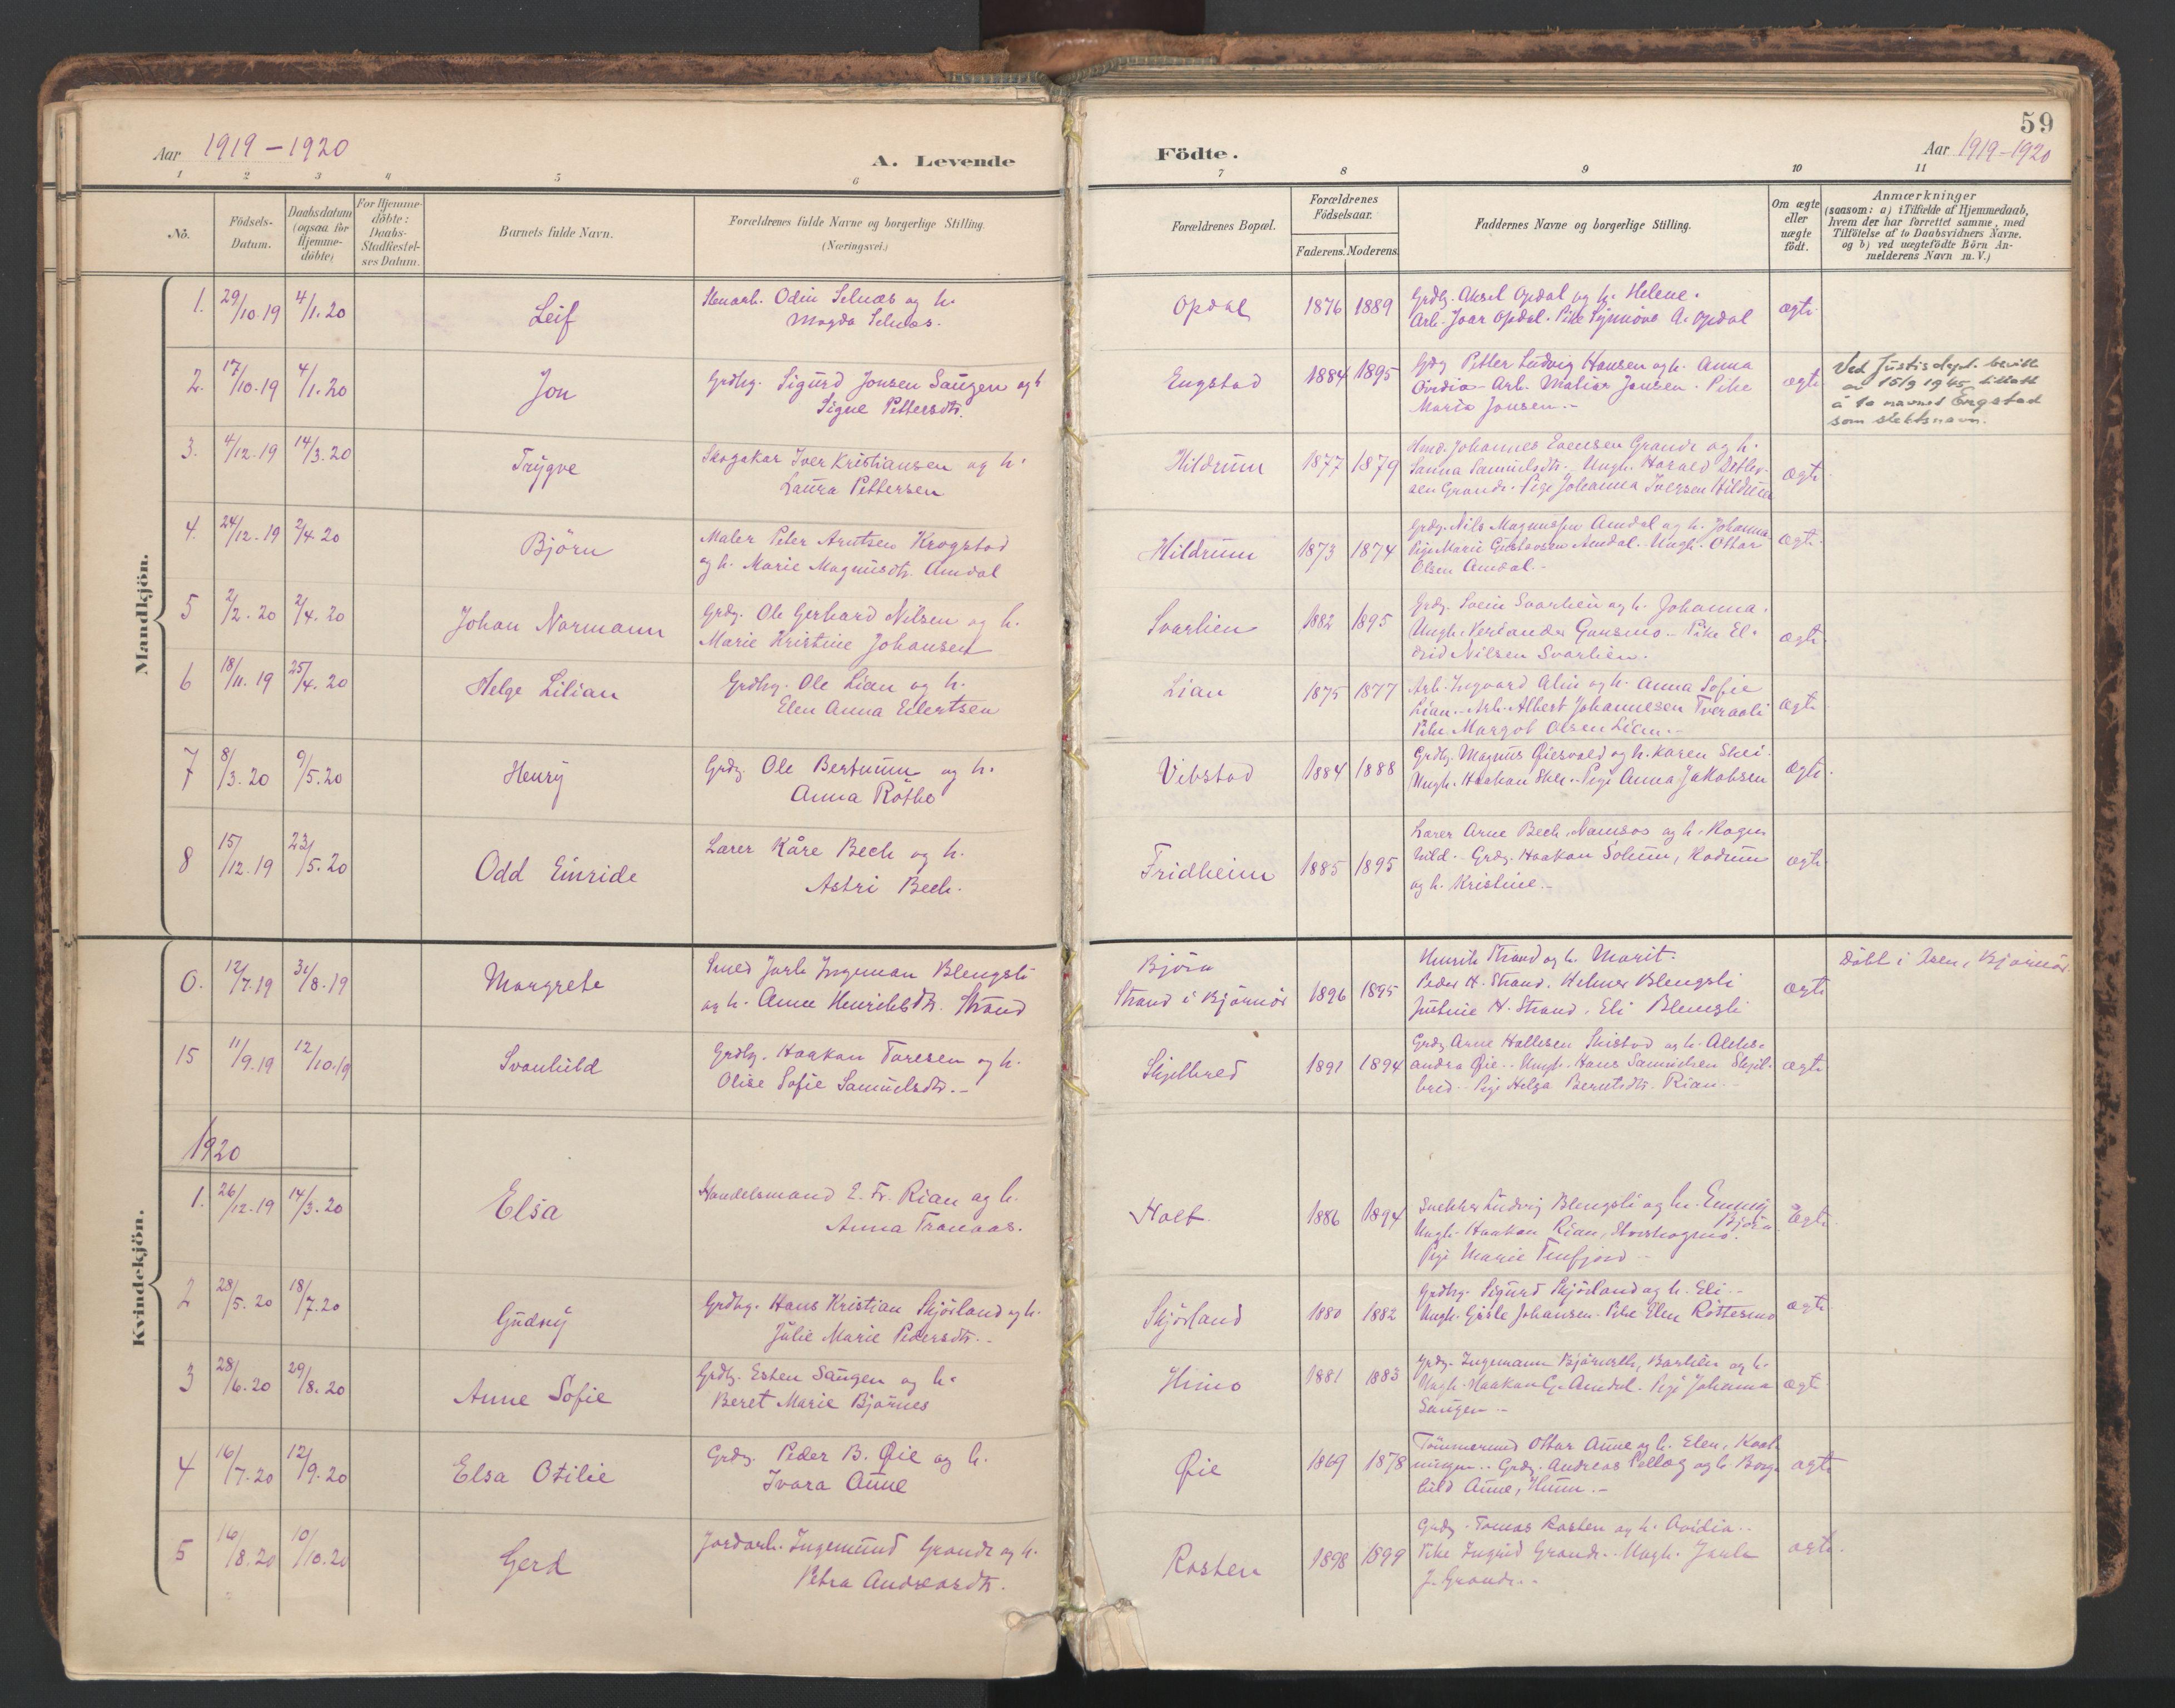 SAT, Ministerialprotokoller, klokkerbøker og fødselsregistre - Nord-Trøndelag, 764/L0556: Ministerialbok nr. 764A11, 1897-1924, s. 59